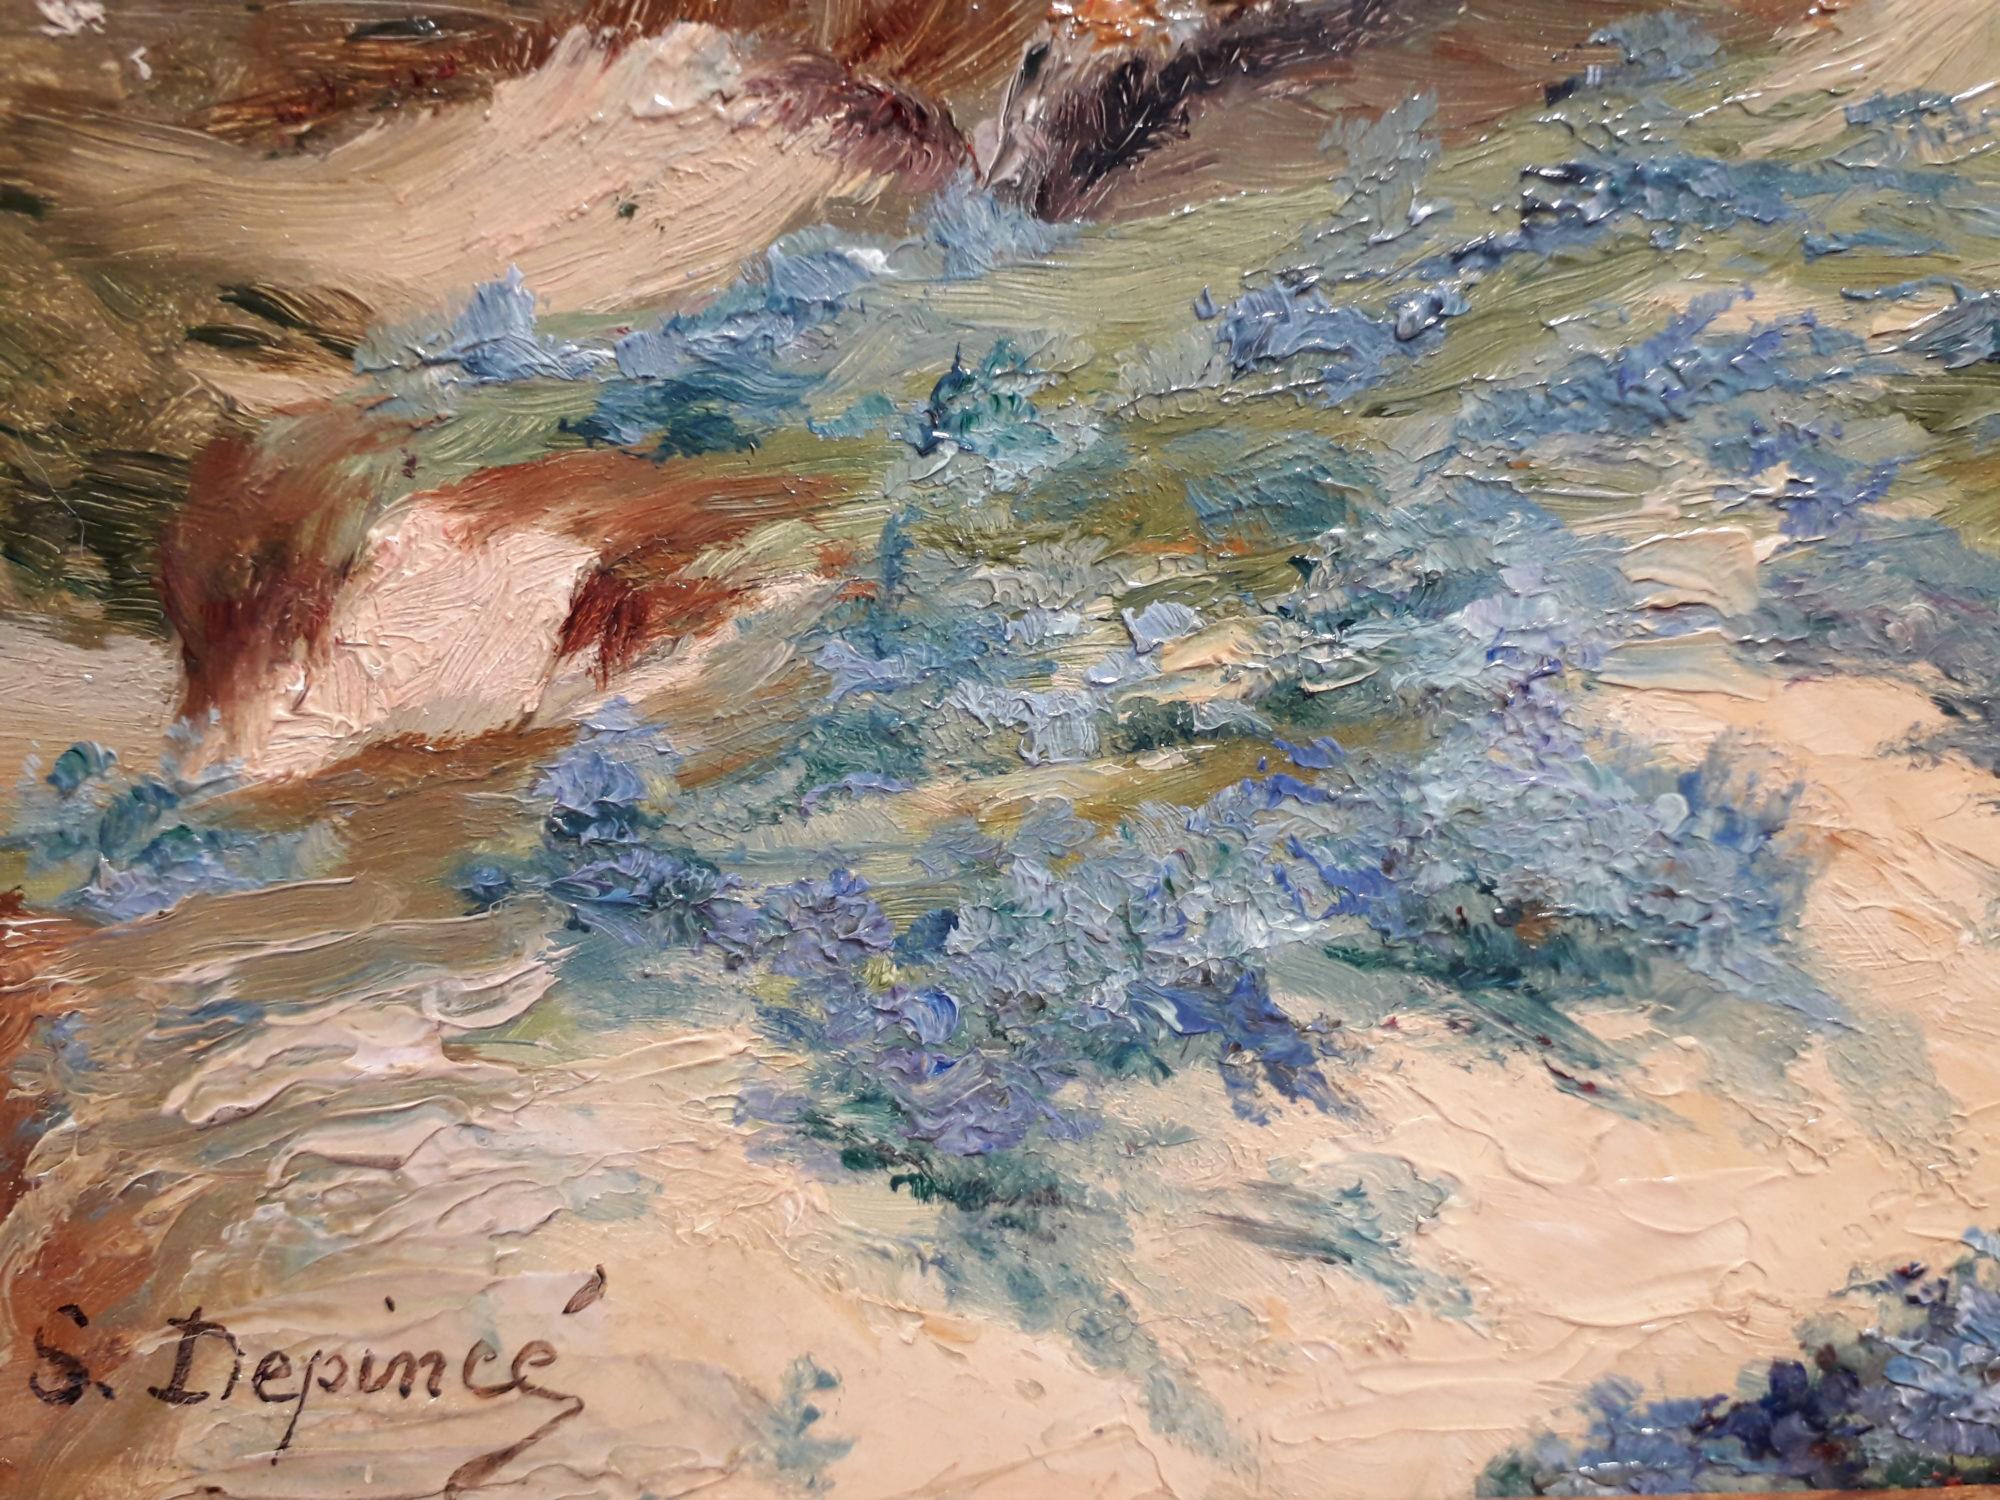 depince suzanne dune du pouldu maison signature